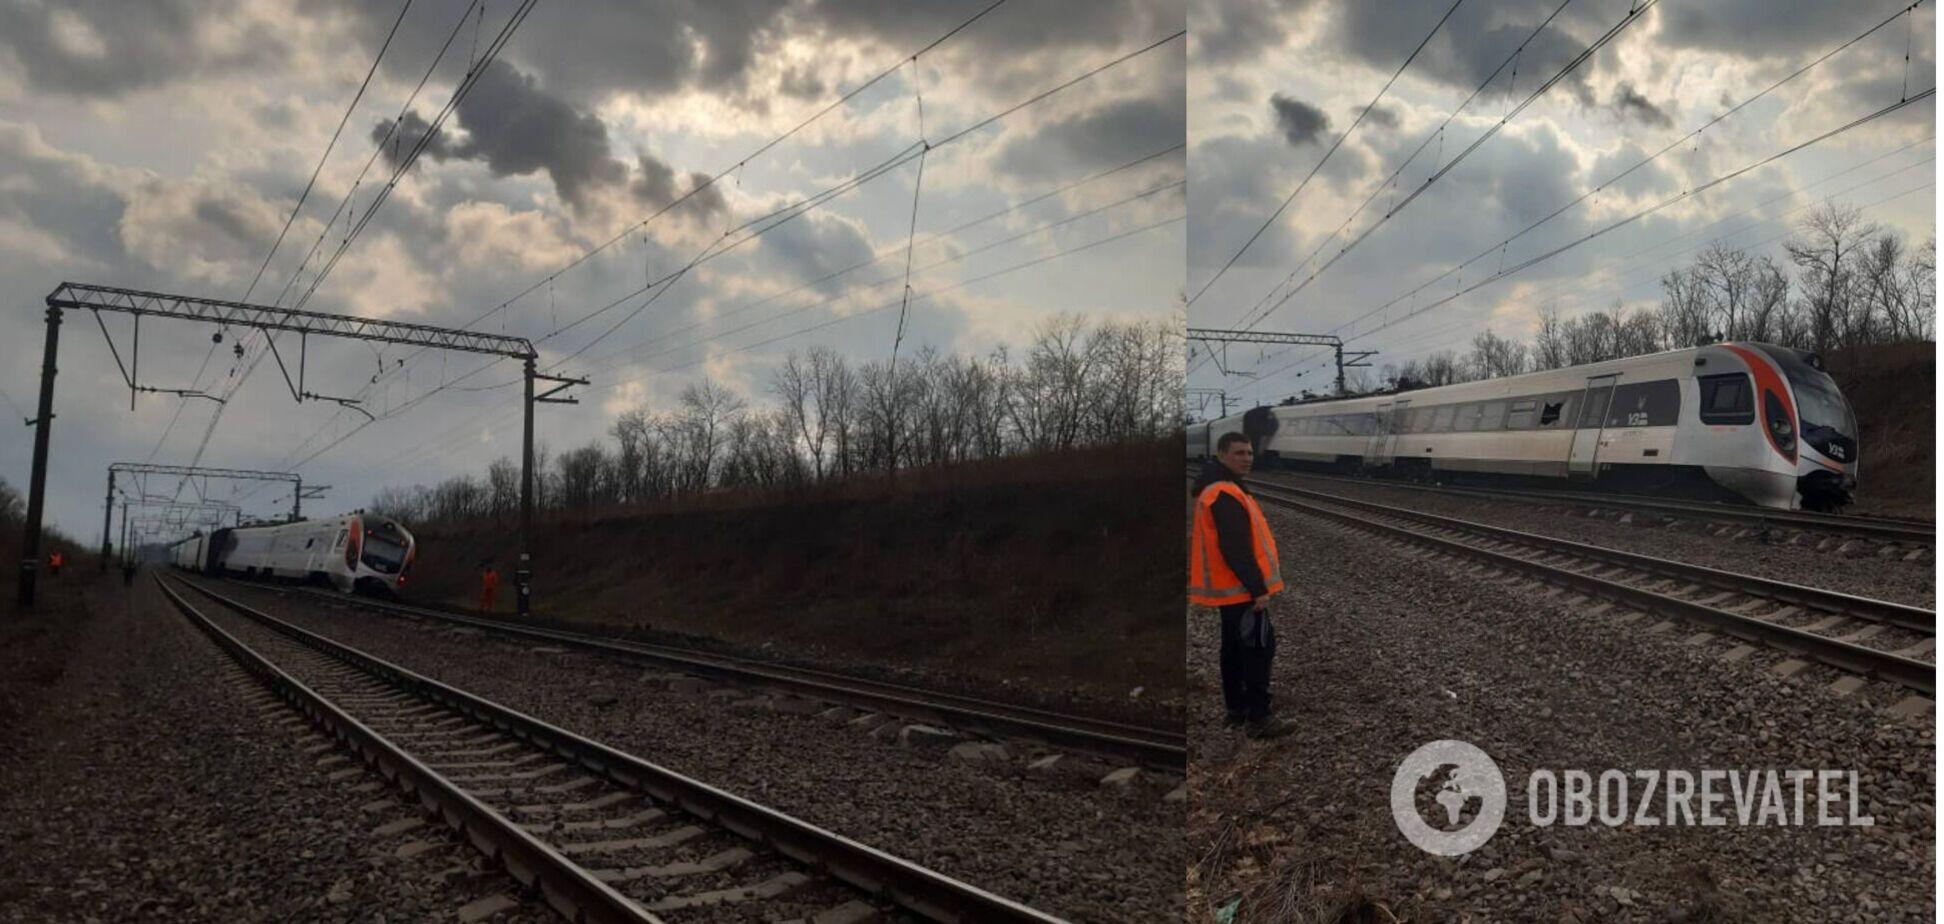 Аварія поїзда Інтерсіті: справжніх винних так і не покарали